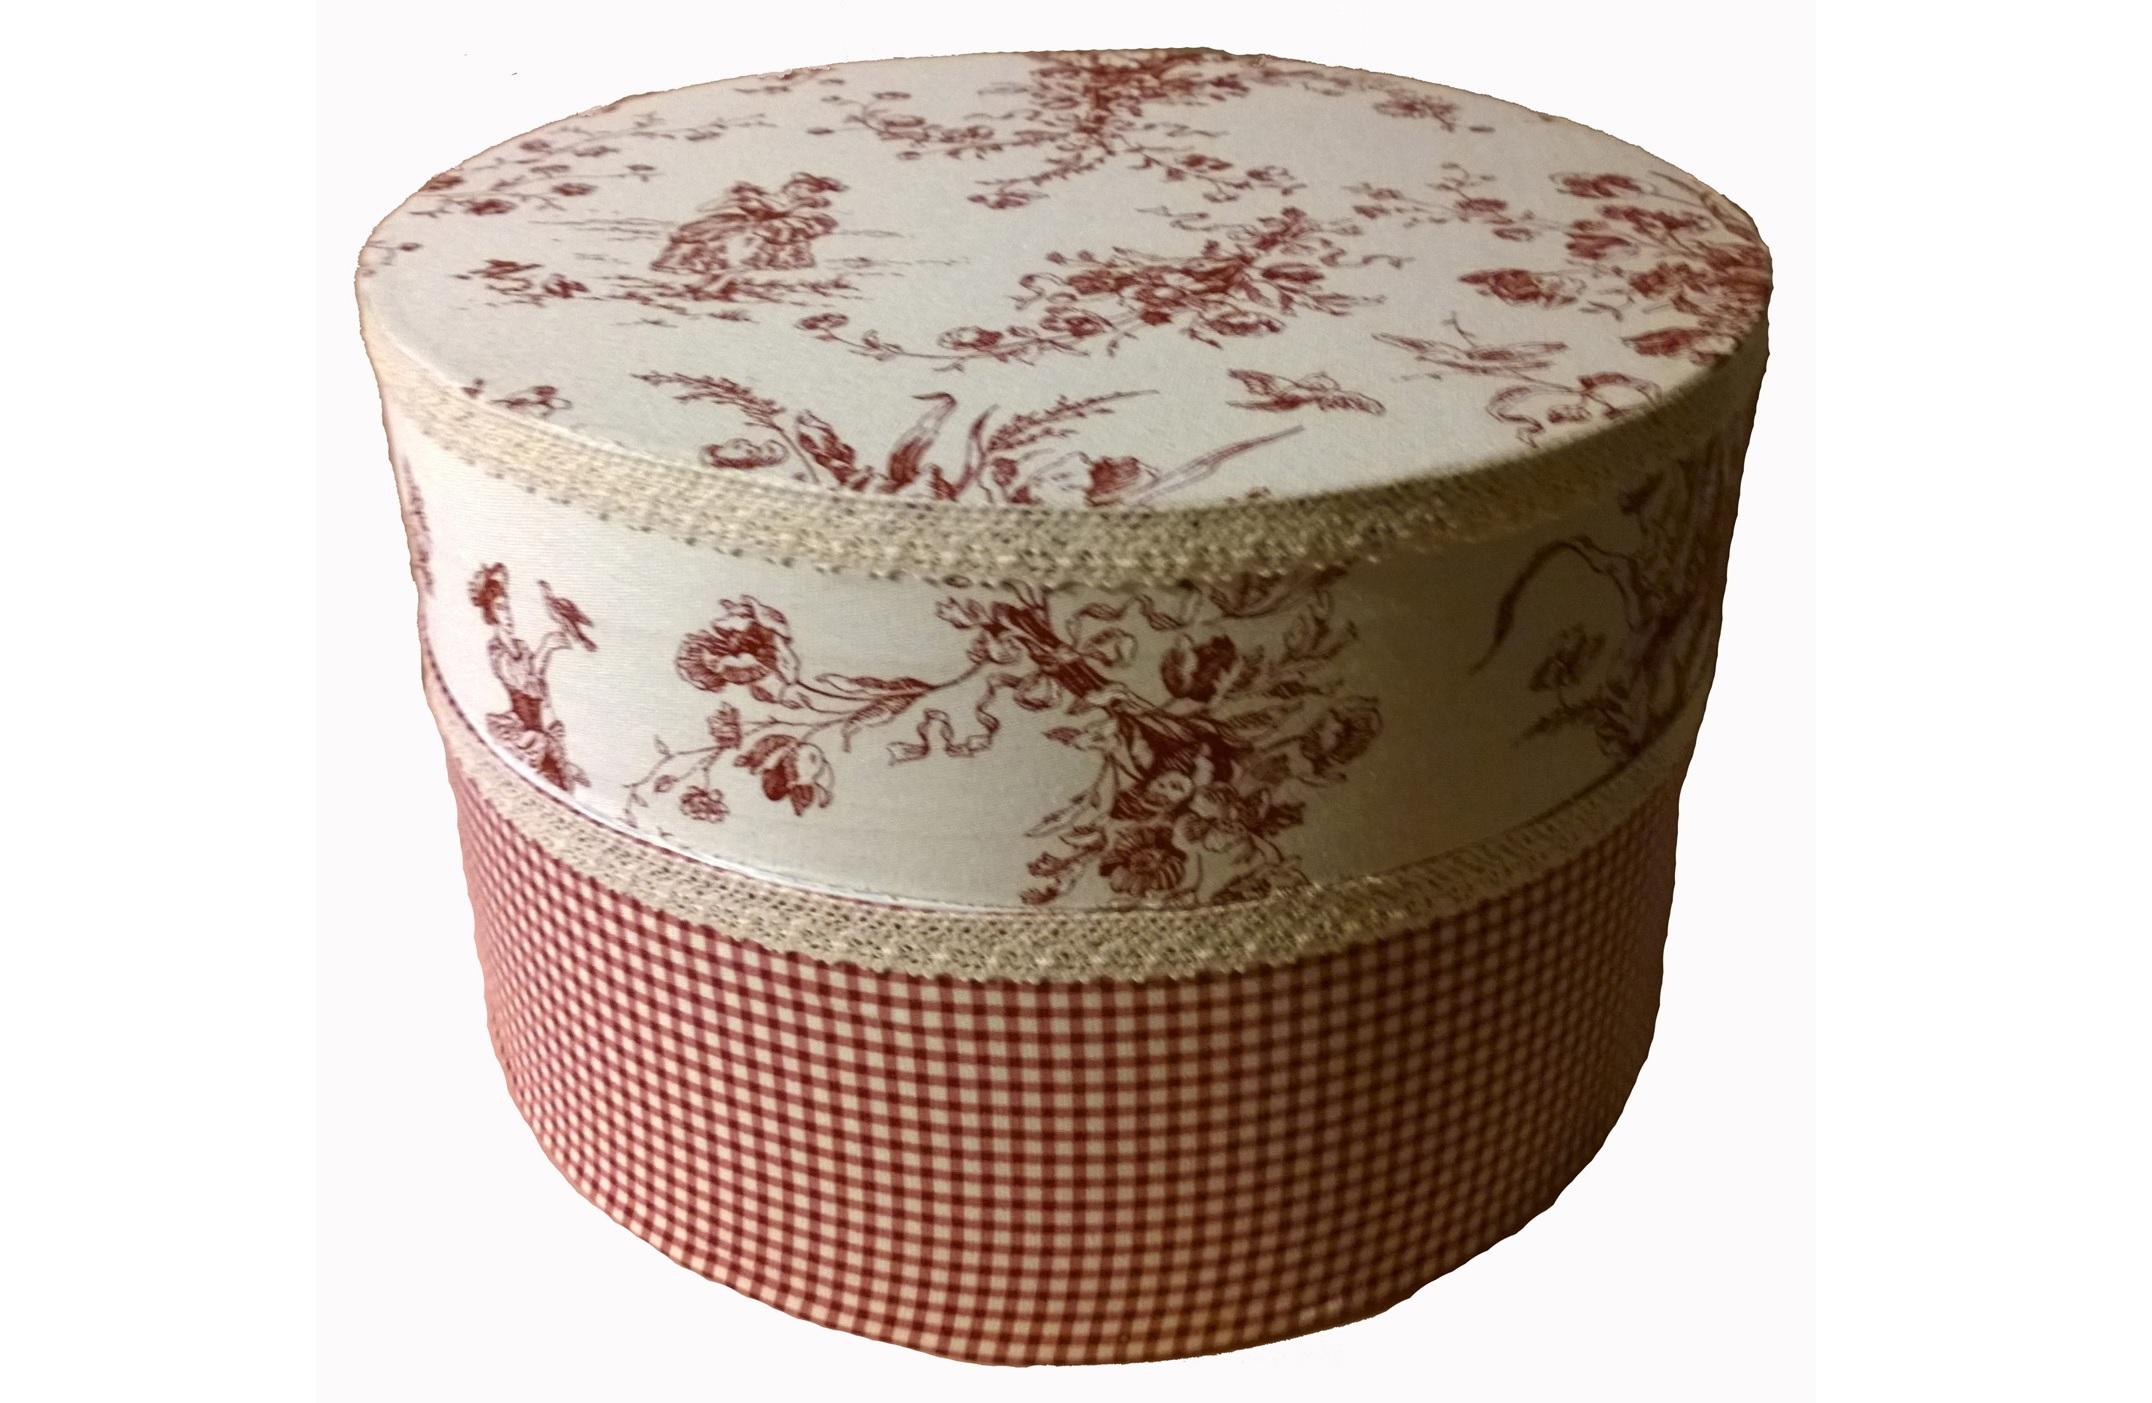 Набор декоративных коробок-шкатулок Жуи Бордо (3 шт)Коробки<br>Коробки-шкатулки деревянные декоративные в стиле Прованс для хранения мелочей, рукоделия, шляп  (снаружи х/б ткань, внутри белая краска).&amp;lt;div&amp;gt;&amp;lt;br&amp;gt;&amp;lt;/div&amp;gt;&amp;lt;div&amp;gt;Размеры коробок:&amp;lt;/div&amp;gt;&amp;lt;div&amp;gt;маленькая - высота 19 см, диаметр 21 см&amp;lt;/div&amp;gt;&amp;lt;div&amp;gt;средняя - высота 23 см, диаметр 42 см&amp;lt;/div&amp;gt;&amp;lt;div&amp;gt;большая - высота 26,5 см, диаметр 42 см&amp;lt;/div&amp;gt;<br><br>Material: Текстиль<br>Length см: None<br>Width см: None<br>Depth см: None<br>Height см: None<br>Diameter см: None